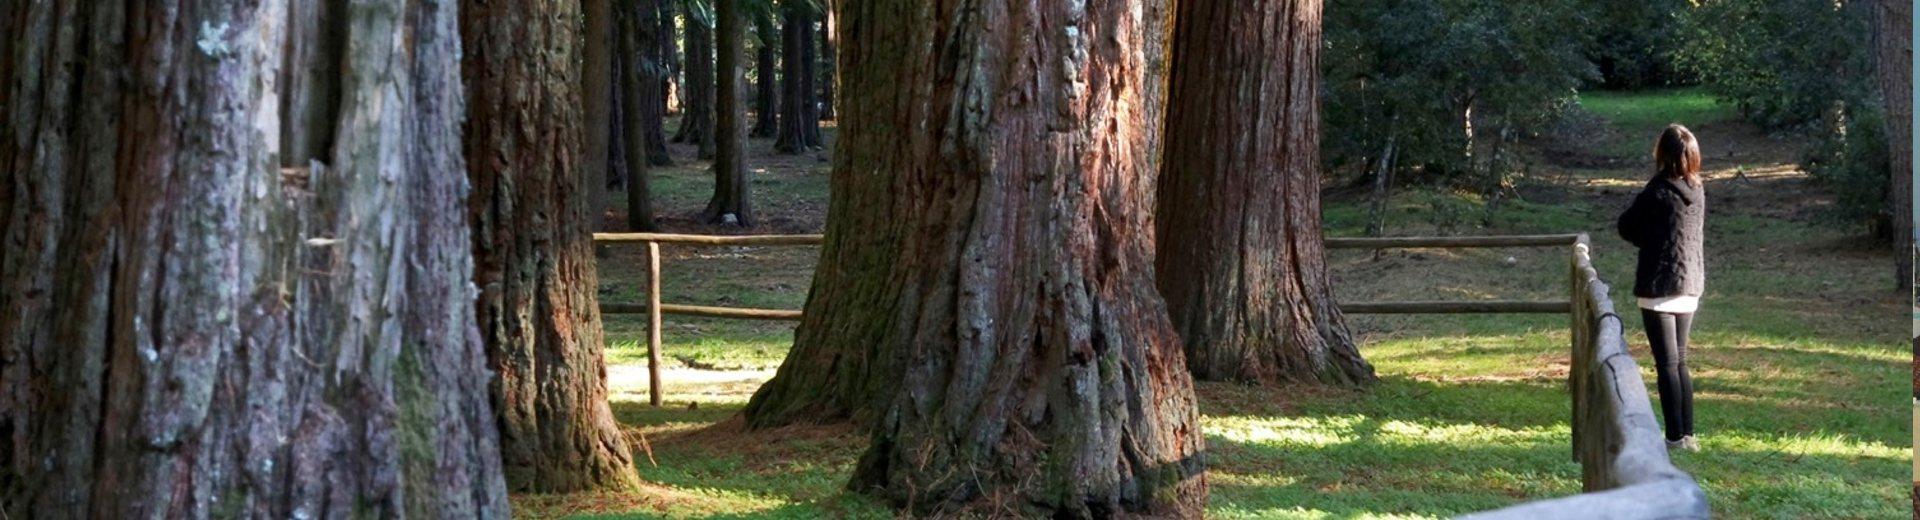 slide03_sequoie_tempio_1920